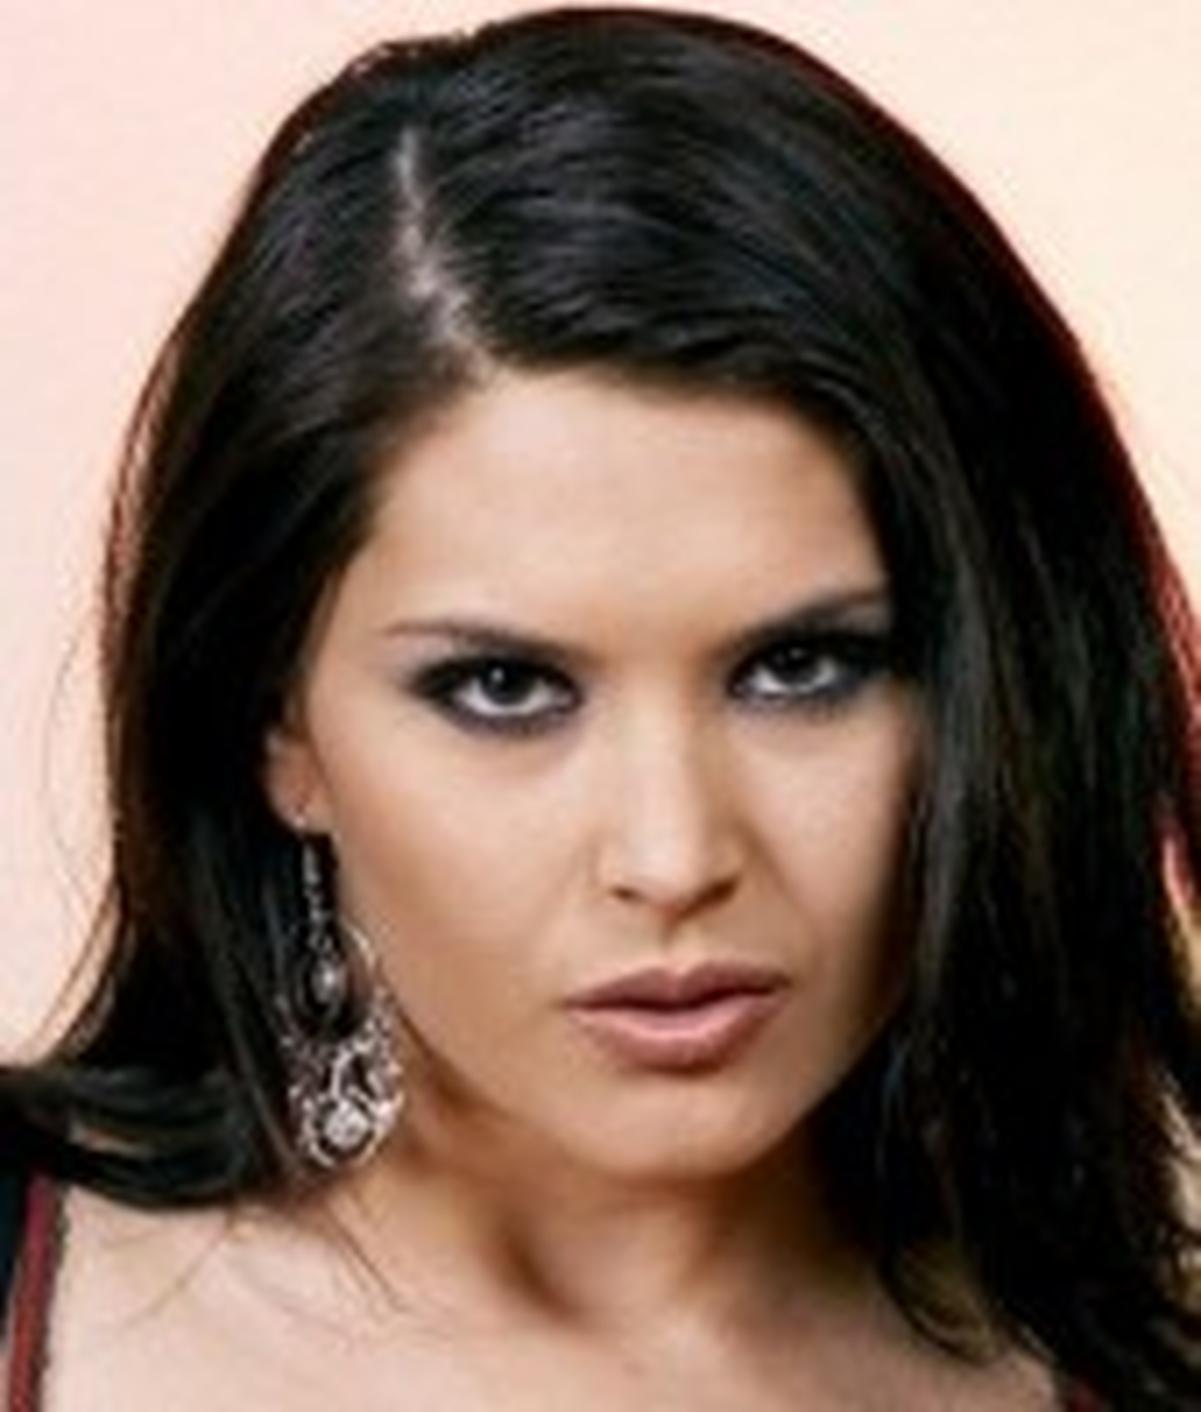 Actor Porno Español Sandy sandy cage wiki & bio - pornographic actress